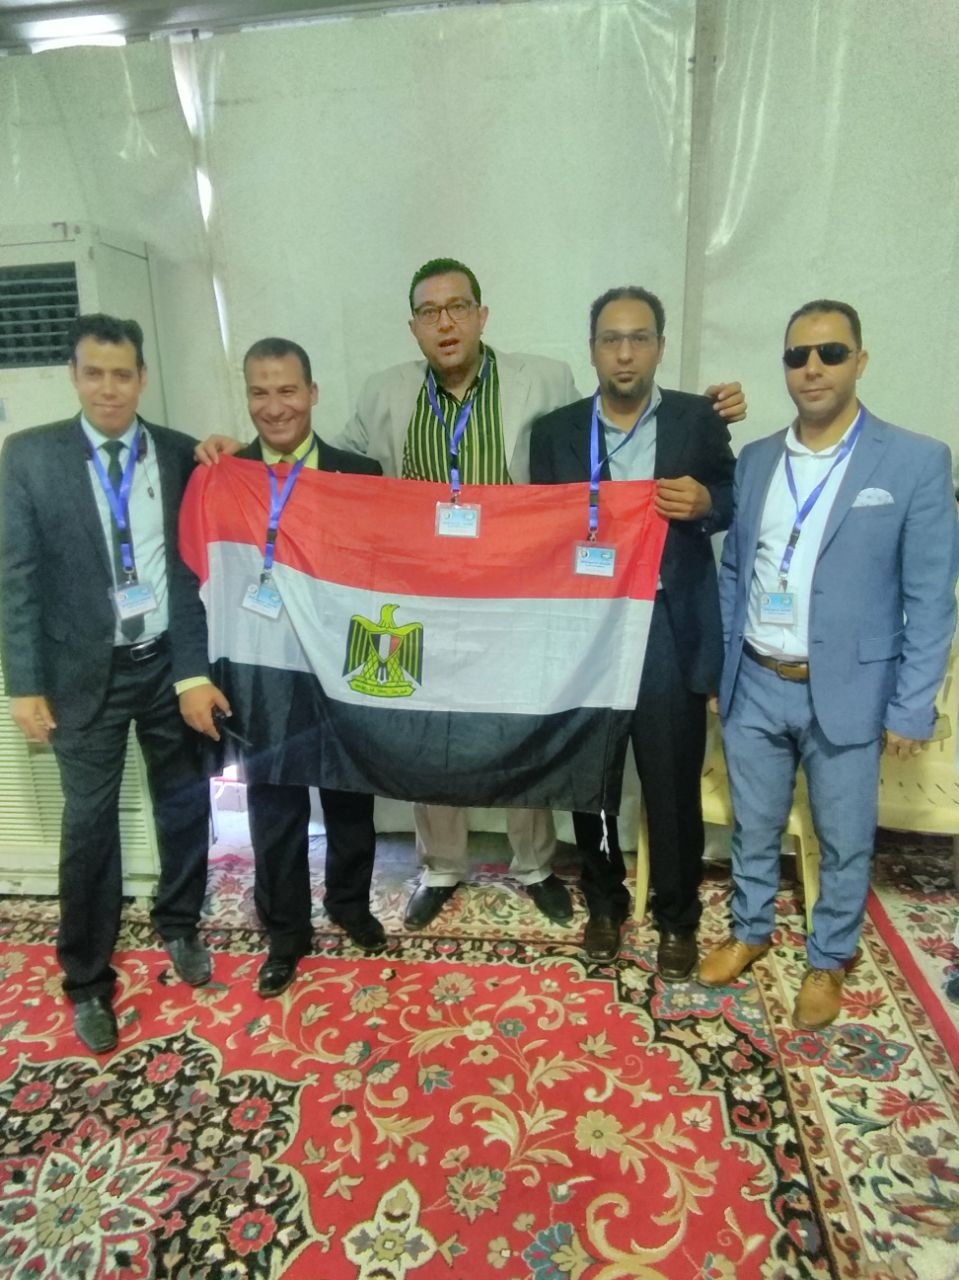 1- المصرريون بالقنصلية المصرية بجده يرفعون علم مصر